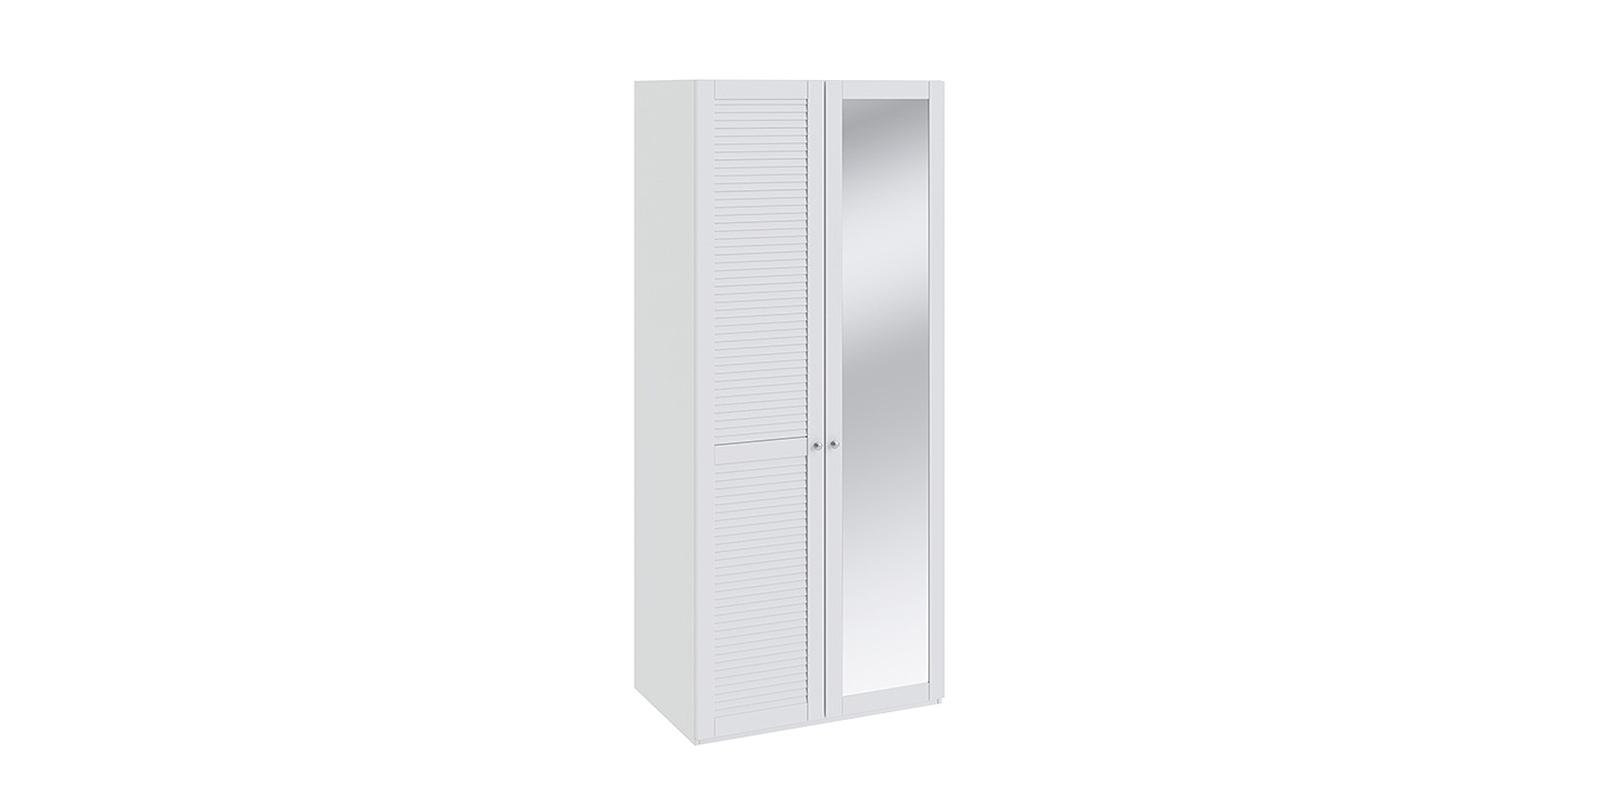 Шкаф распашной двухдверный Мерида вариант №4 левый (белый/зеркало)